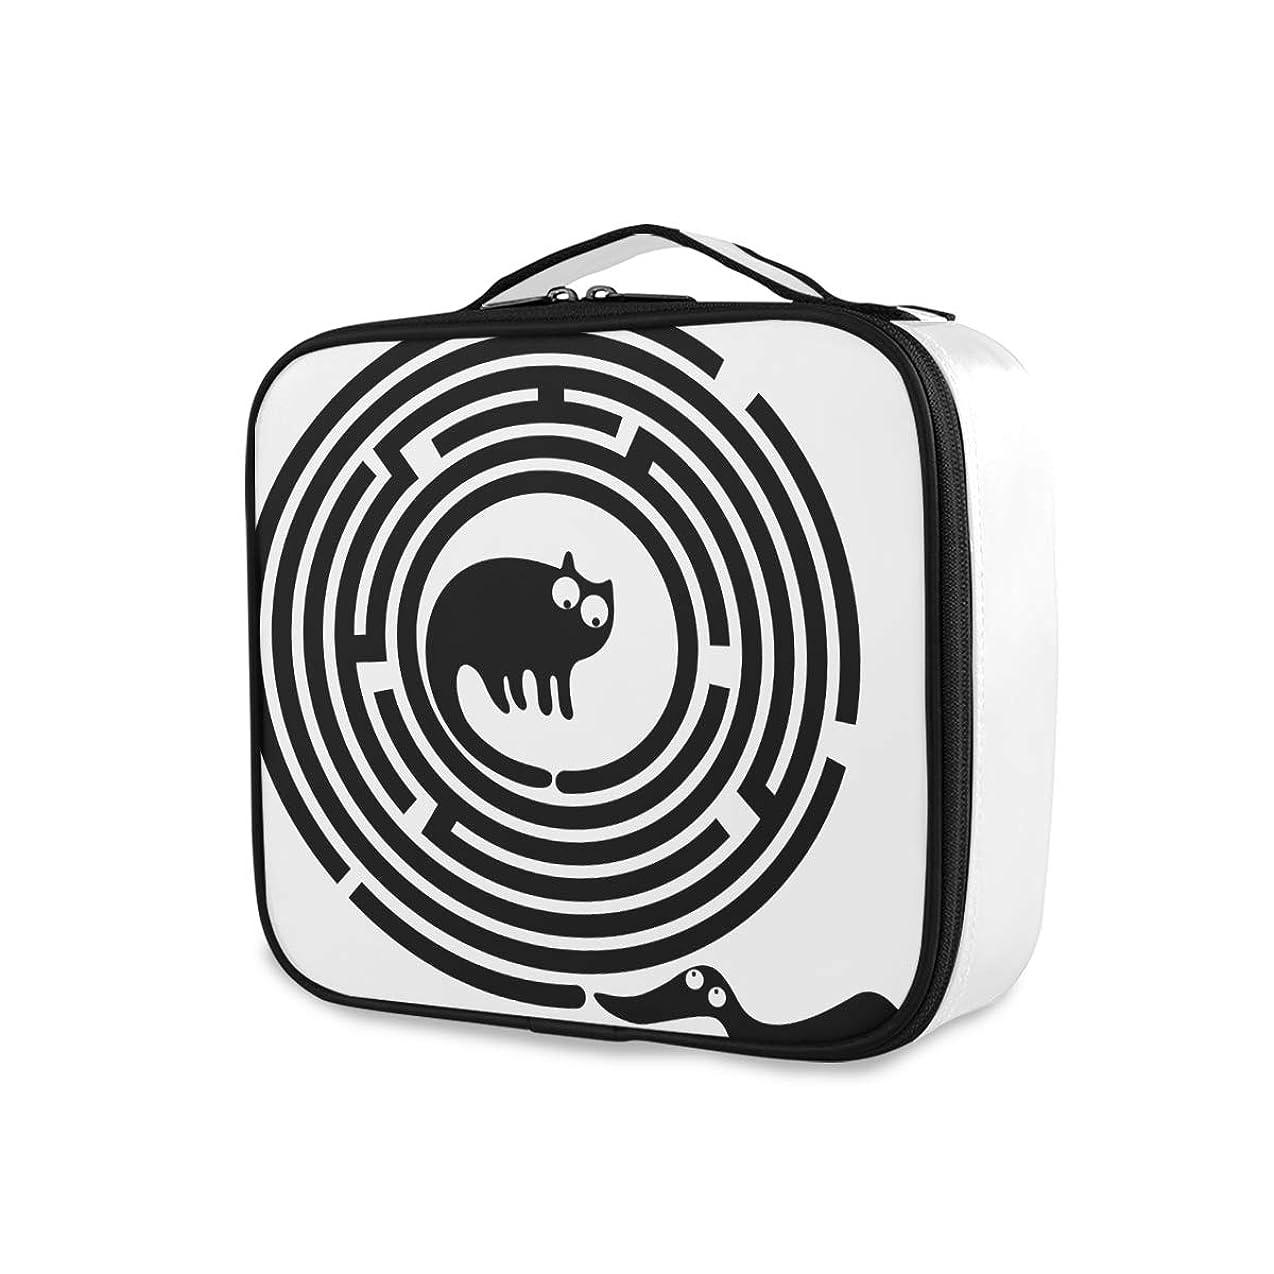 引き潮カメのためにAkiraki 化粧ポーチ メイクボックス 大容量 機能的 おしゃれ かわいい 黒 ブラック 犬柄 猫柄 おもしろ ポーチ 小物入れ メイクポーチ 仕切り 仕分け 収納バッグ 収納ケース 化粧バッグ 旅行 出張 コンパクト 軽量 ファスナー 持ち運び便利